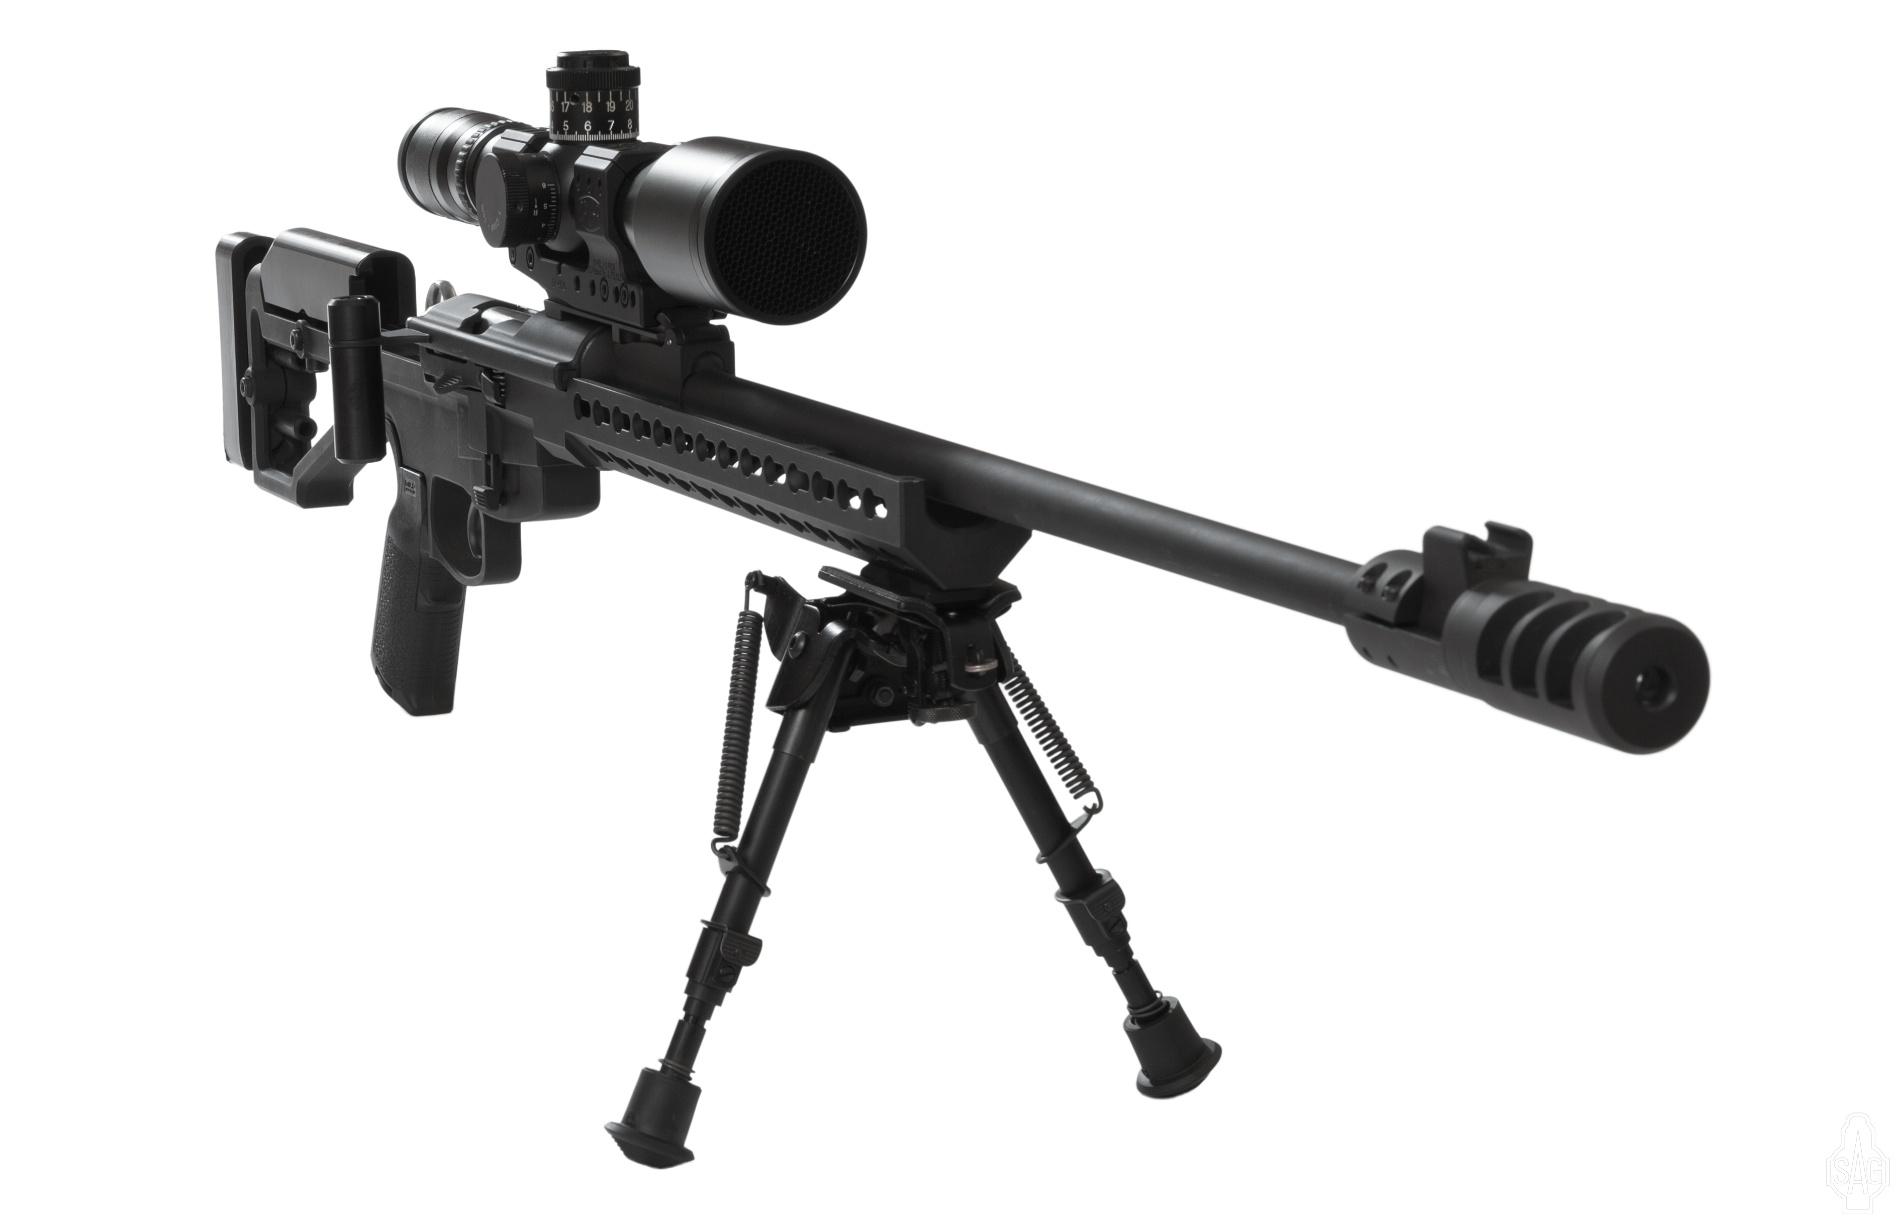 K31 rifle chassis SAG